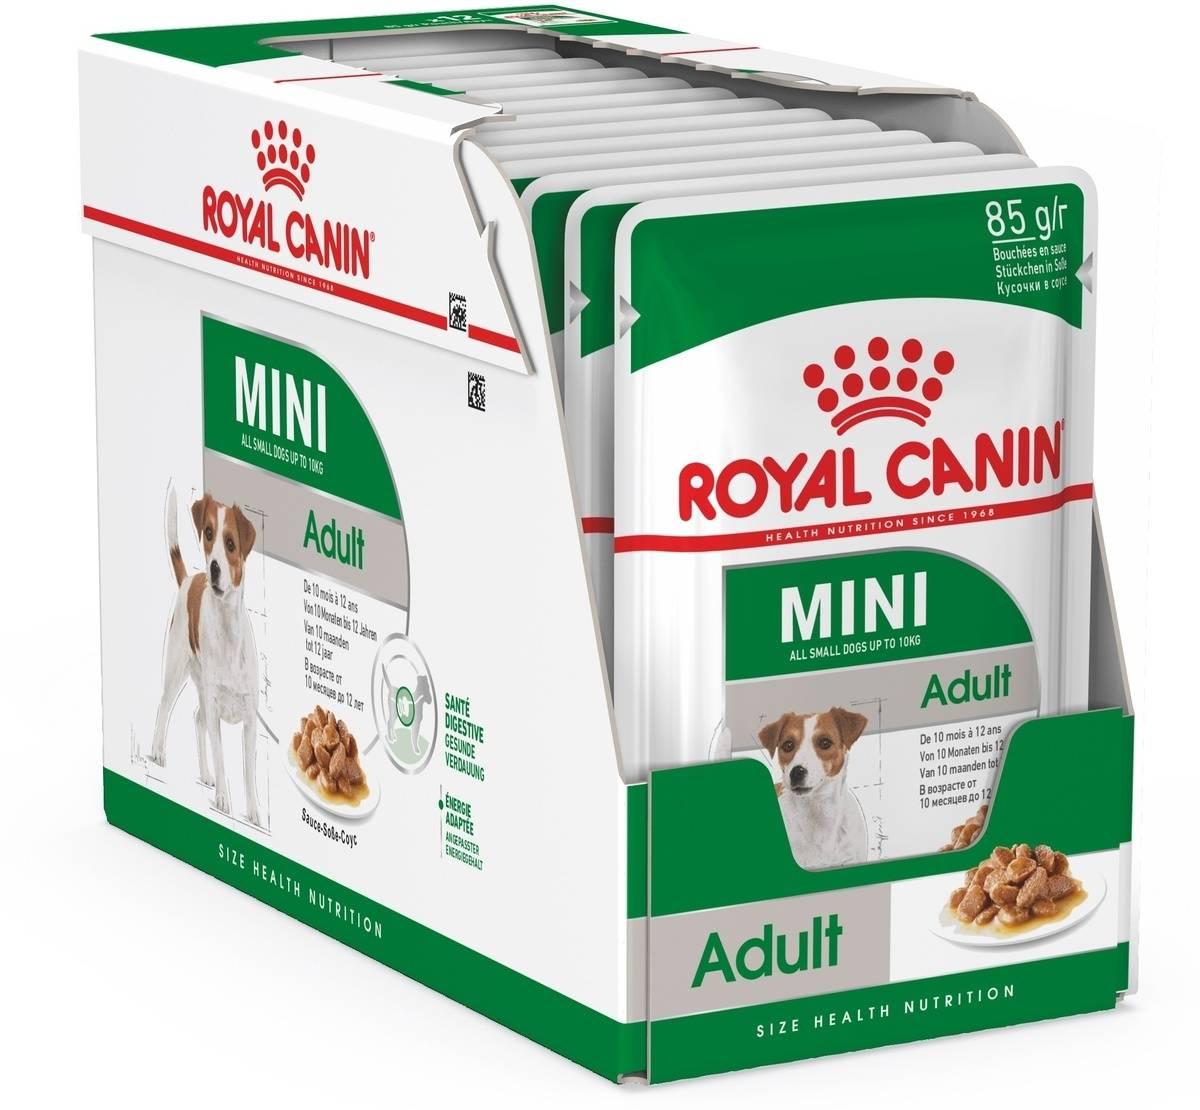 Корм для собак роял канин (royal canin): отзывы, цены, состав